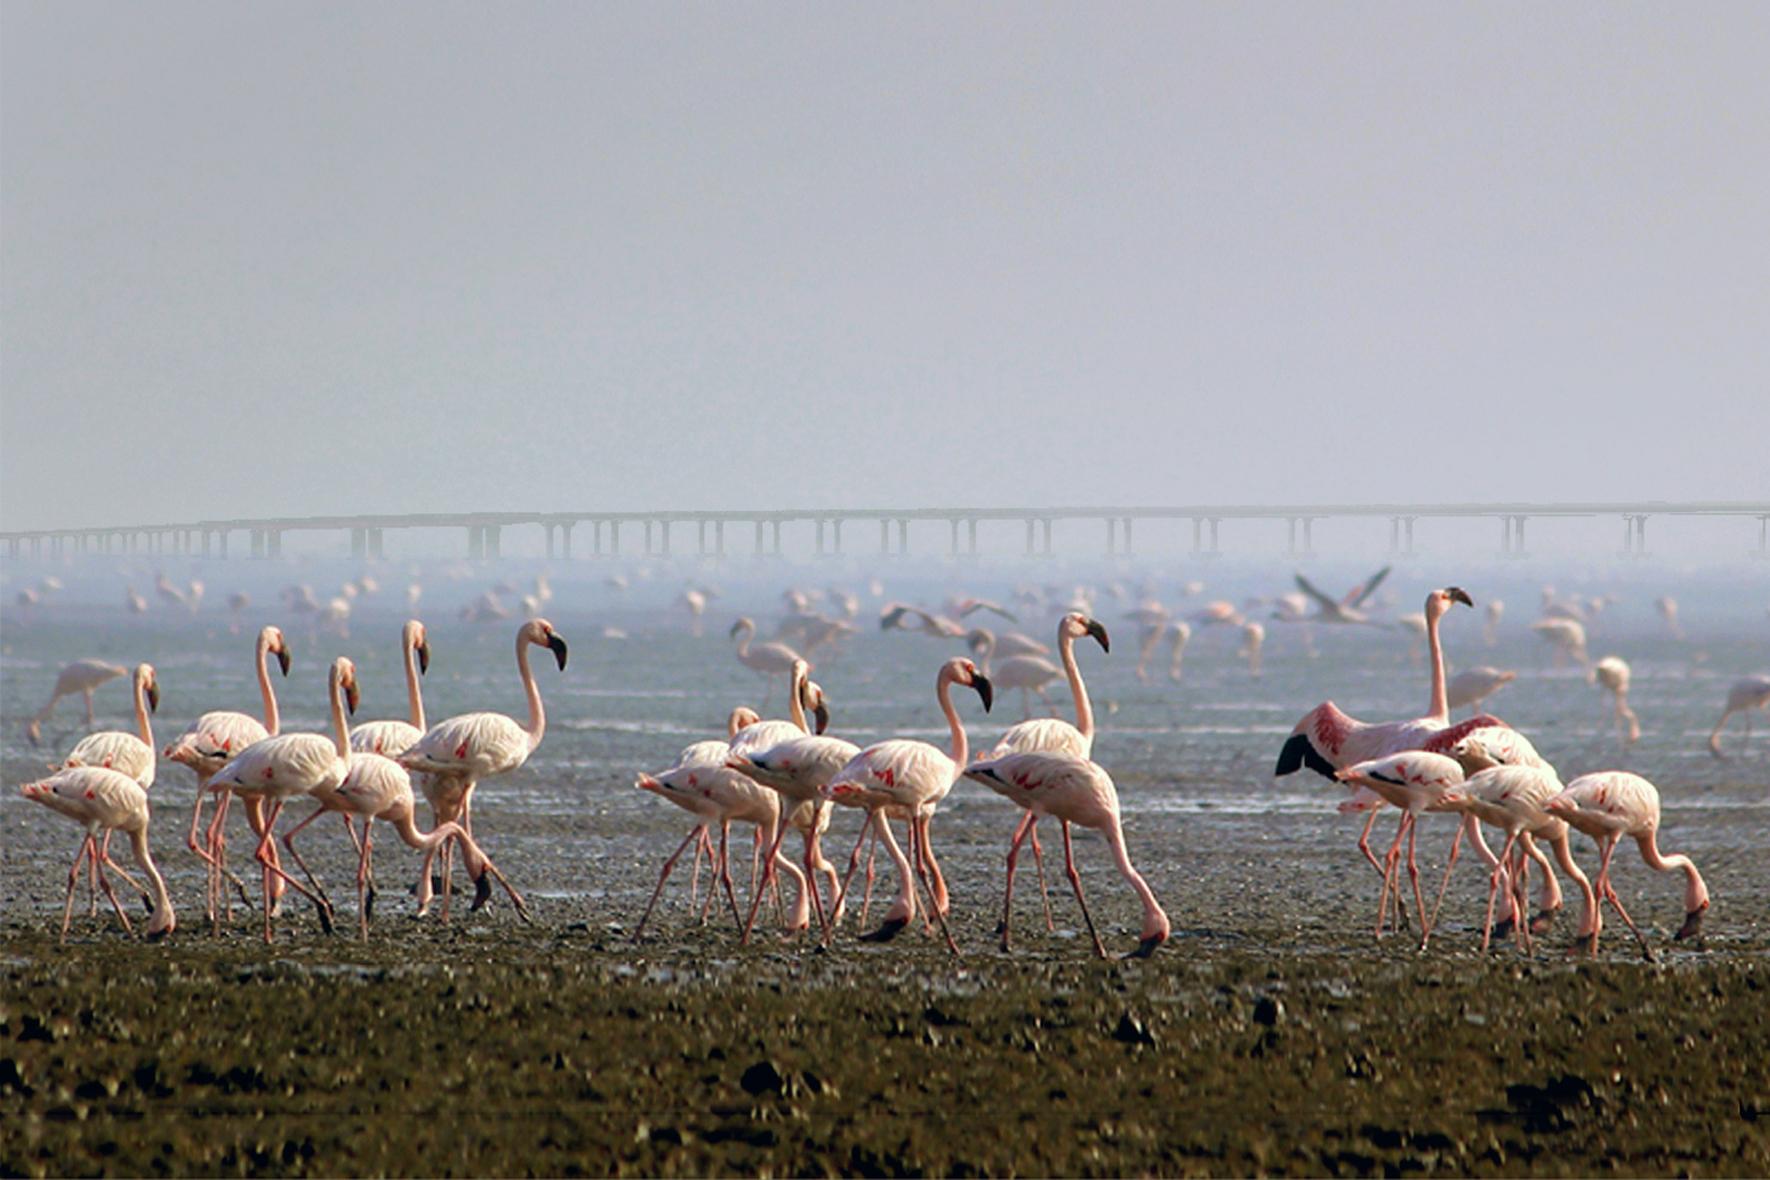 Mumbai Trans-Harbour Link